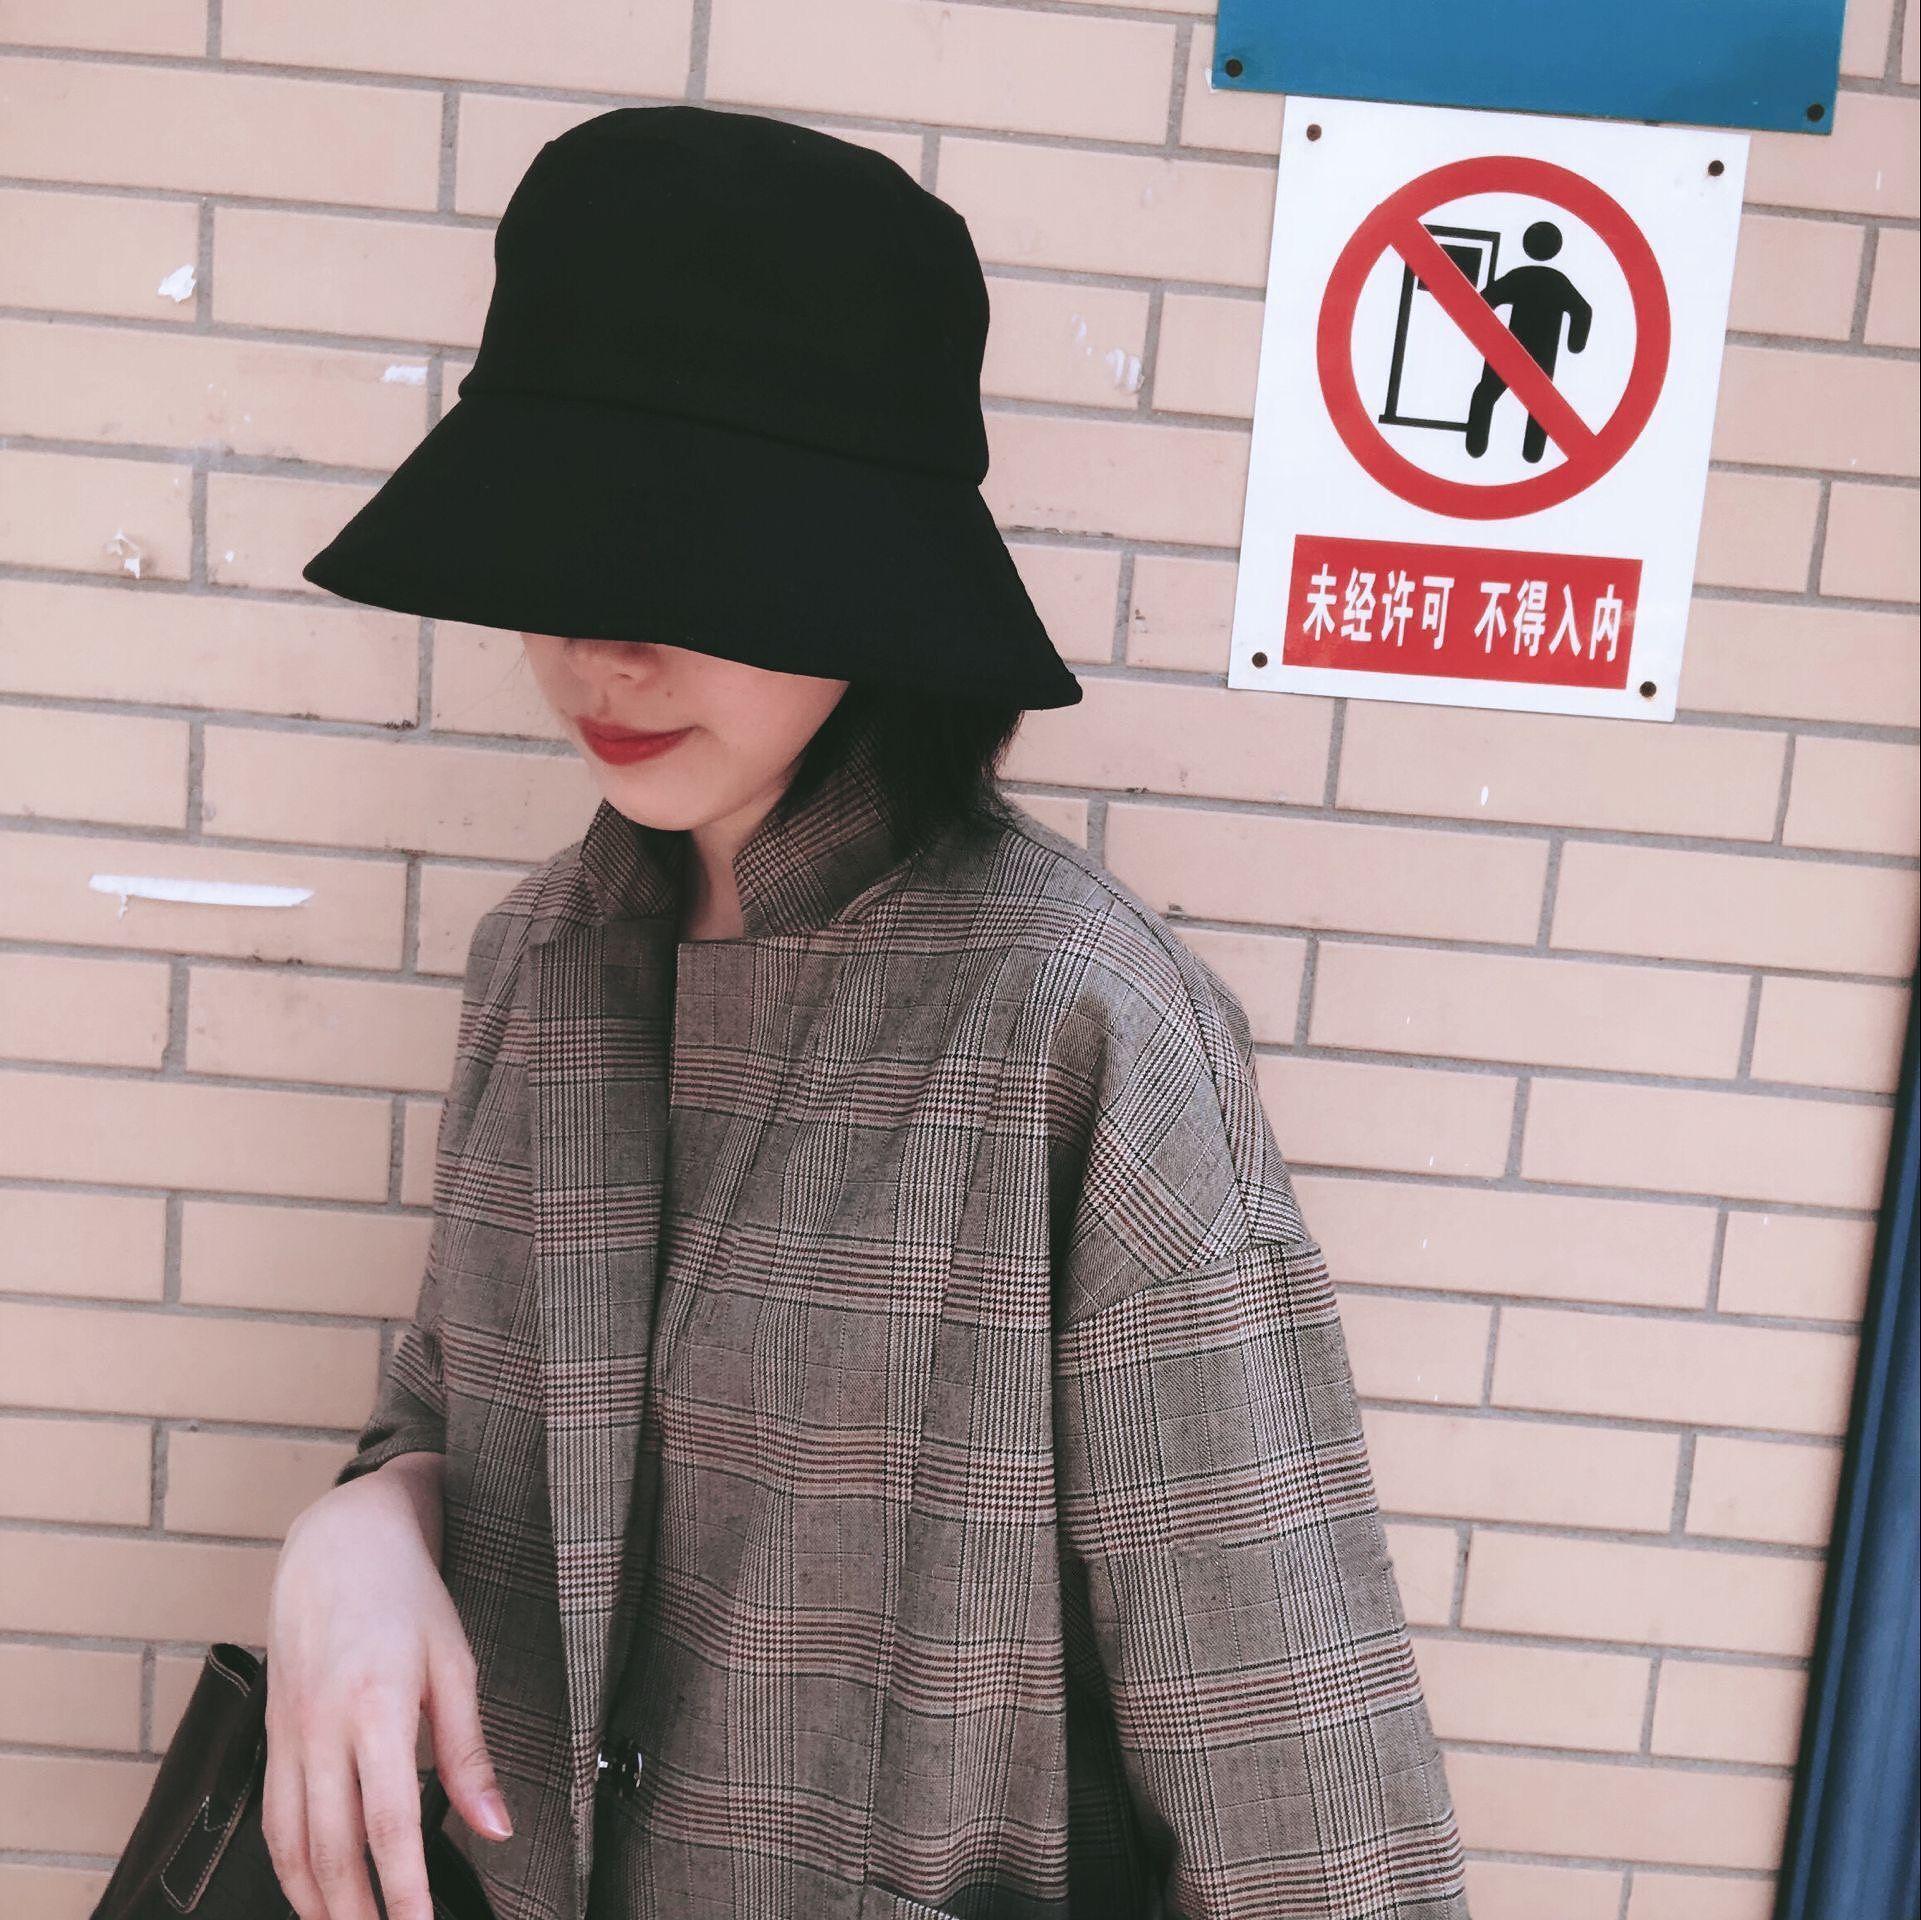 券后36.00元万年款!结实耐用禁欲系黑色渔夫帽纯色盆帽可折叠遮阳帽太阳帽女